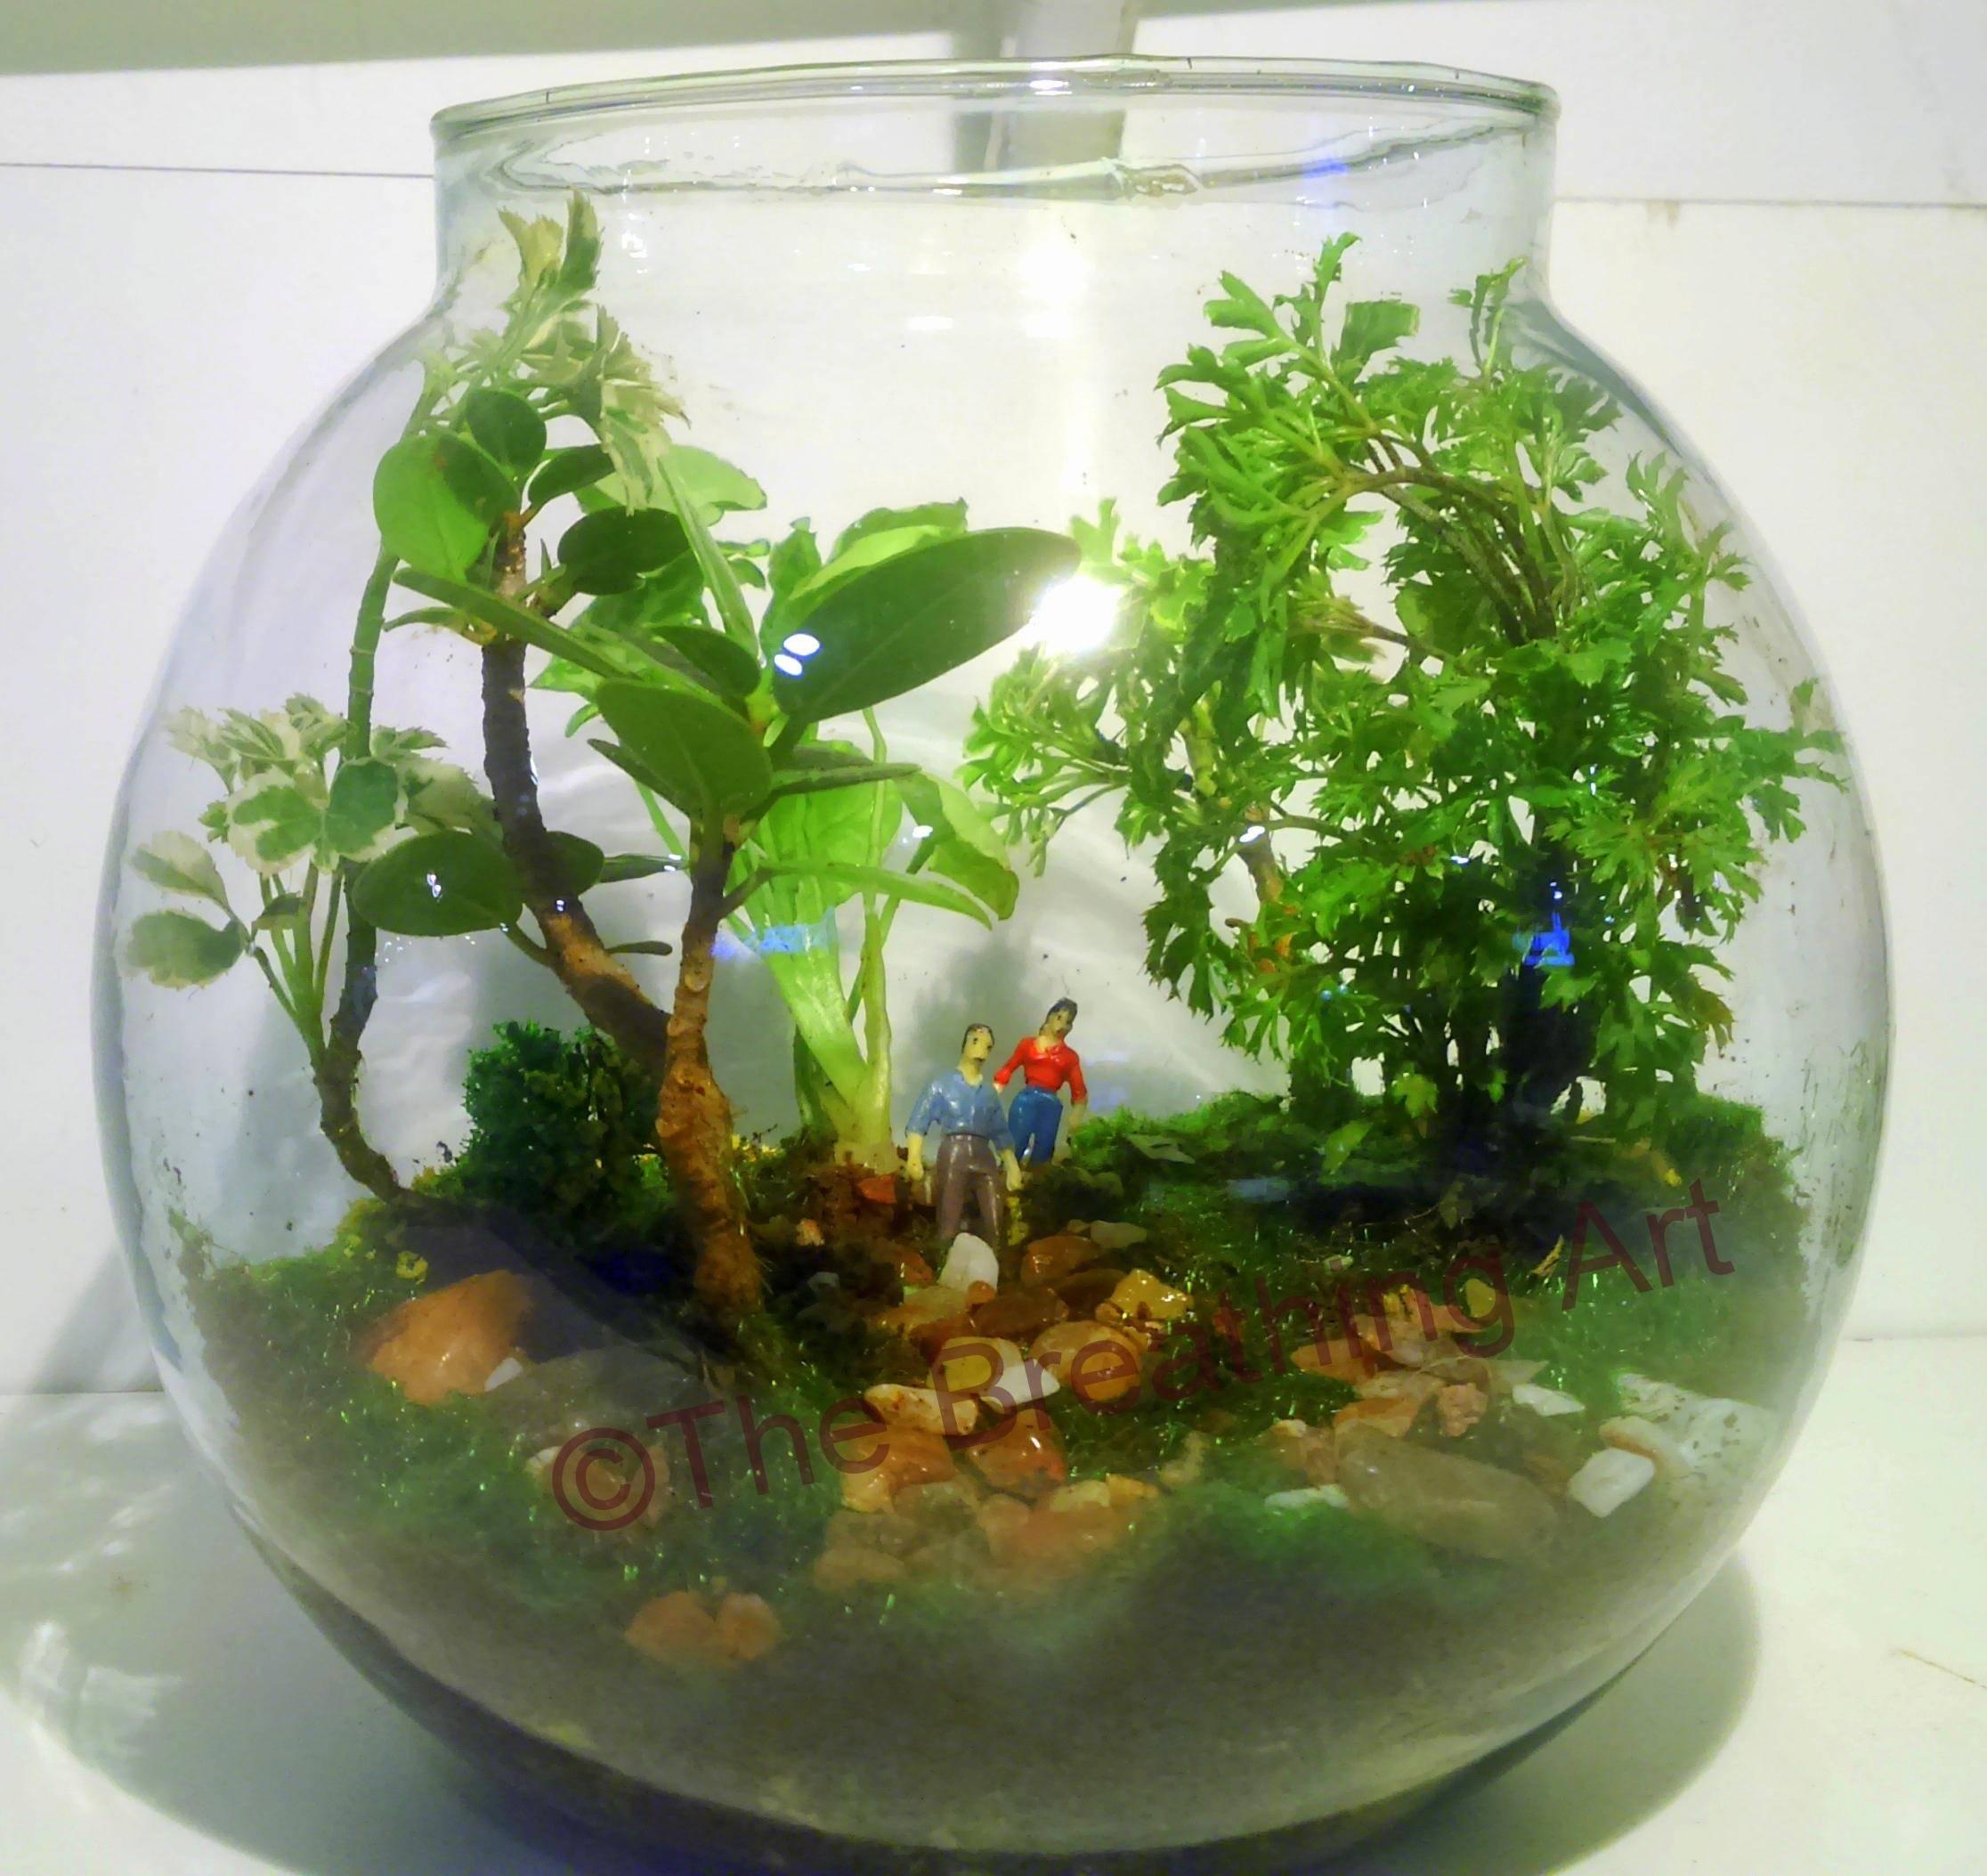 Terrarium Glass Garden Workshop - Closed Terrarium